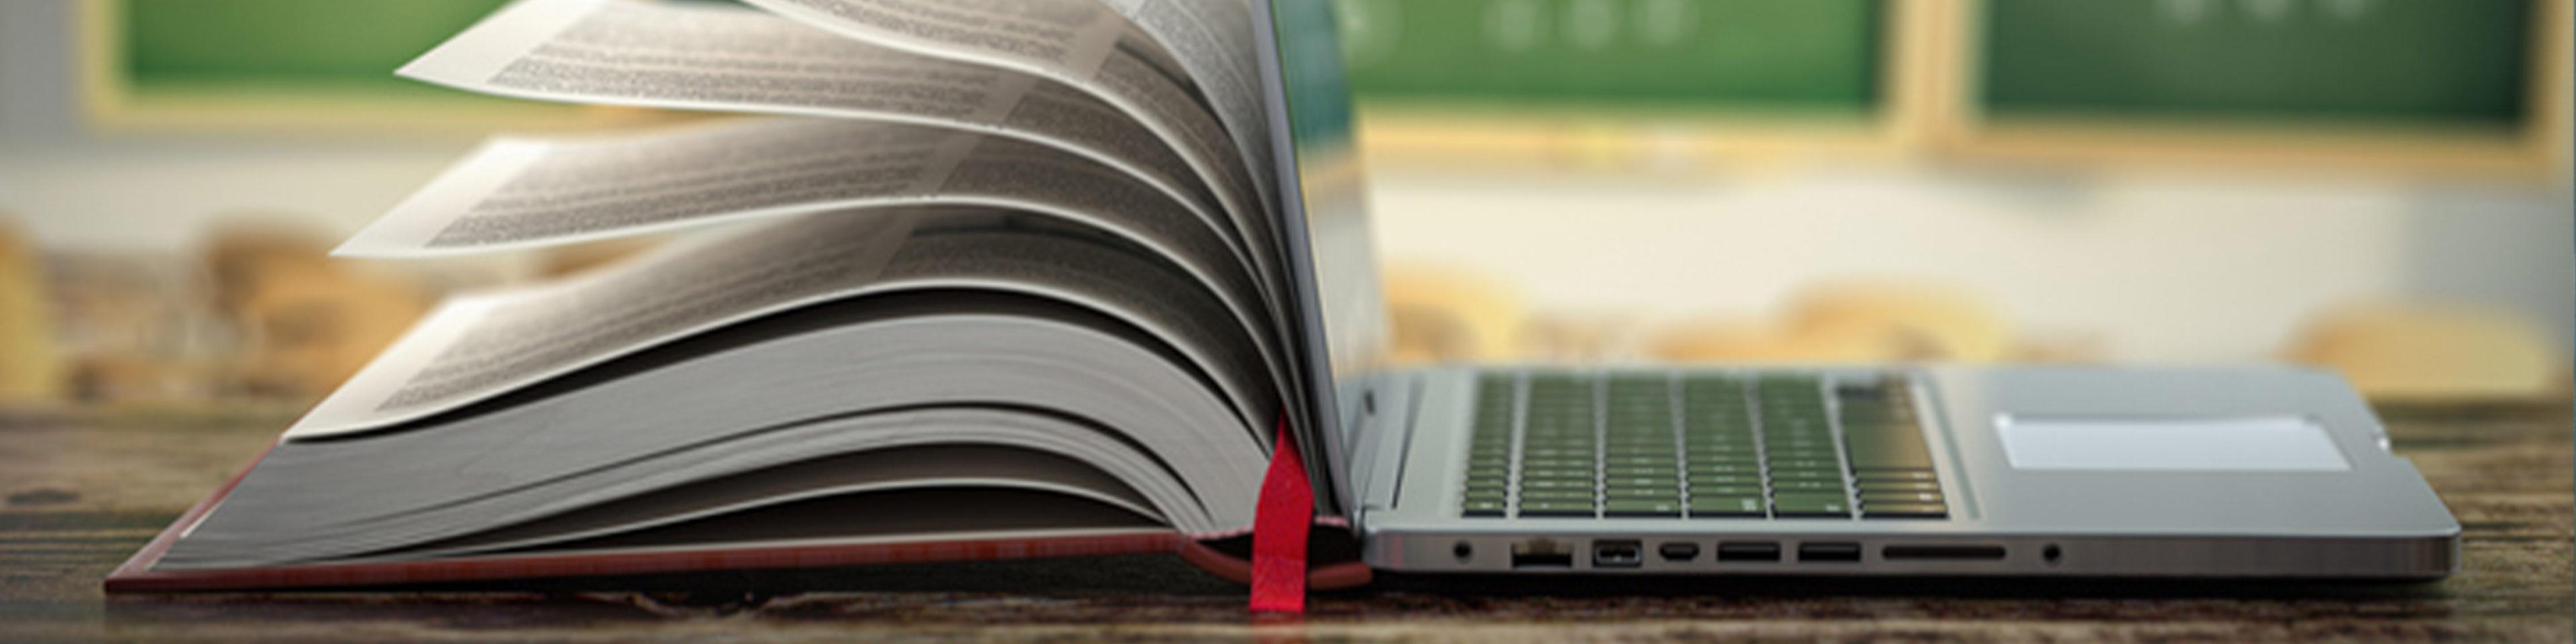 One LAVORO Dottrina Lavoro: la raccolta di riviste firmata Wolters Kluwer